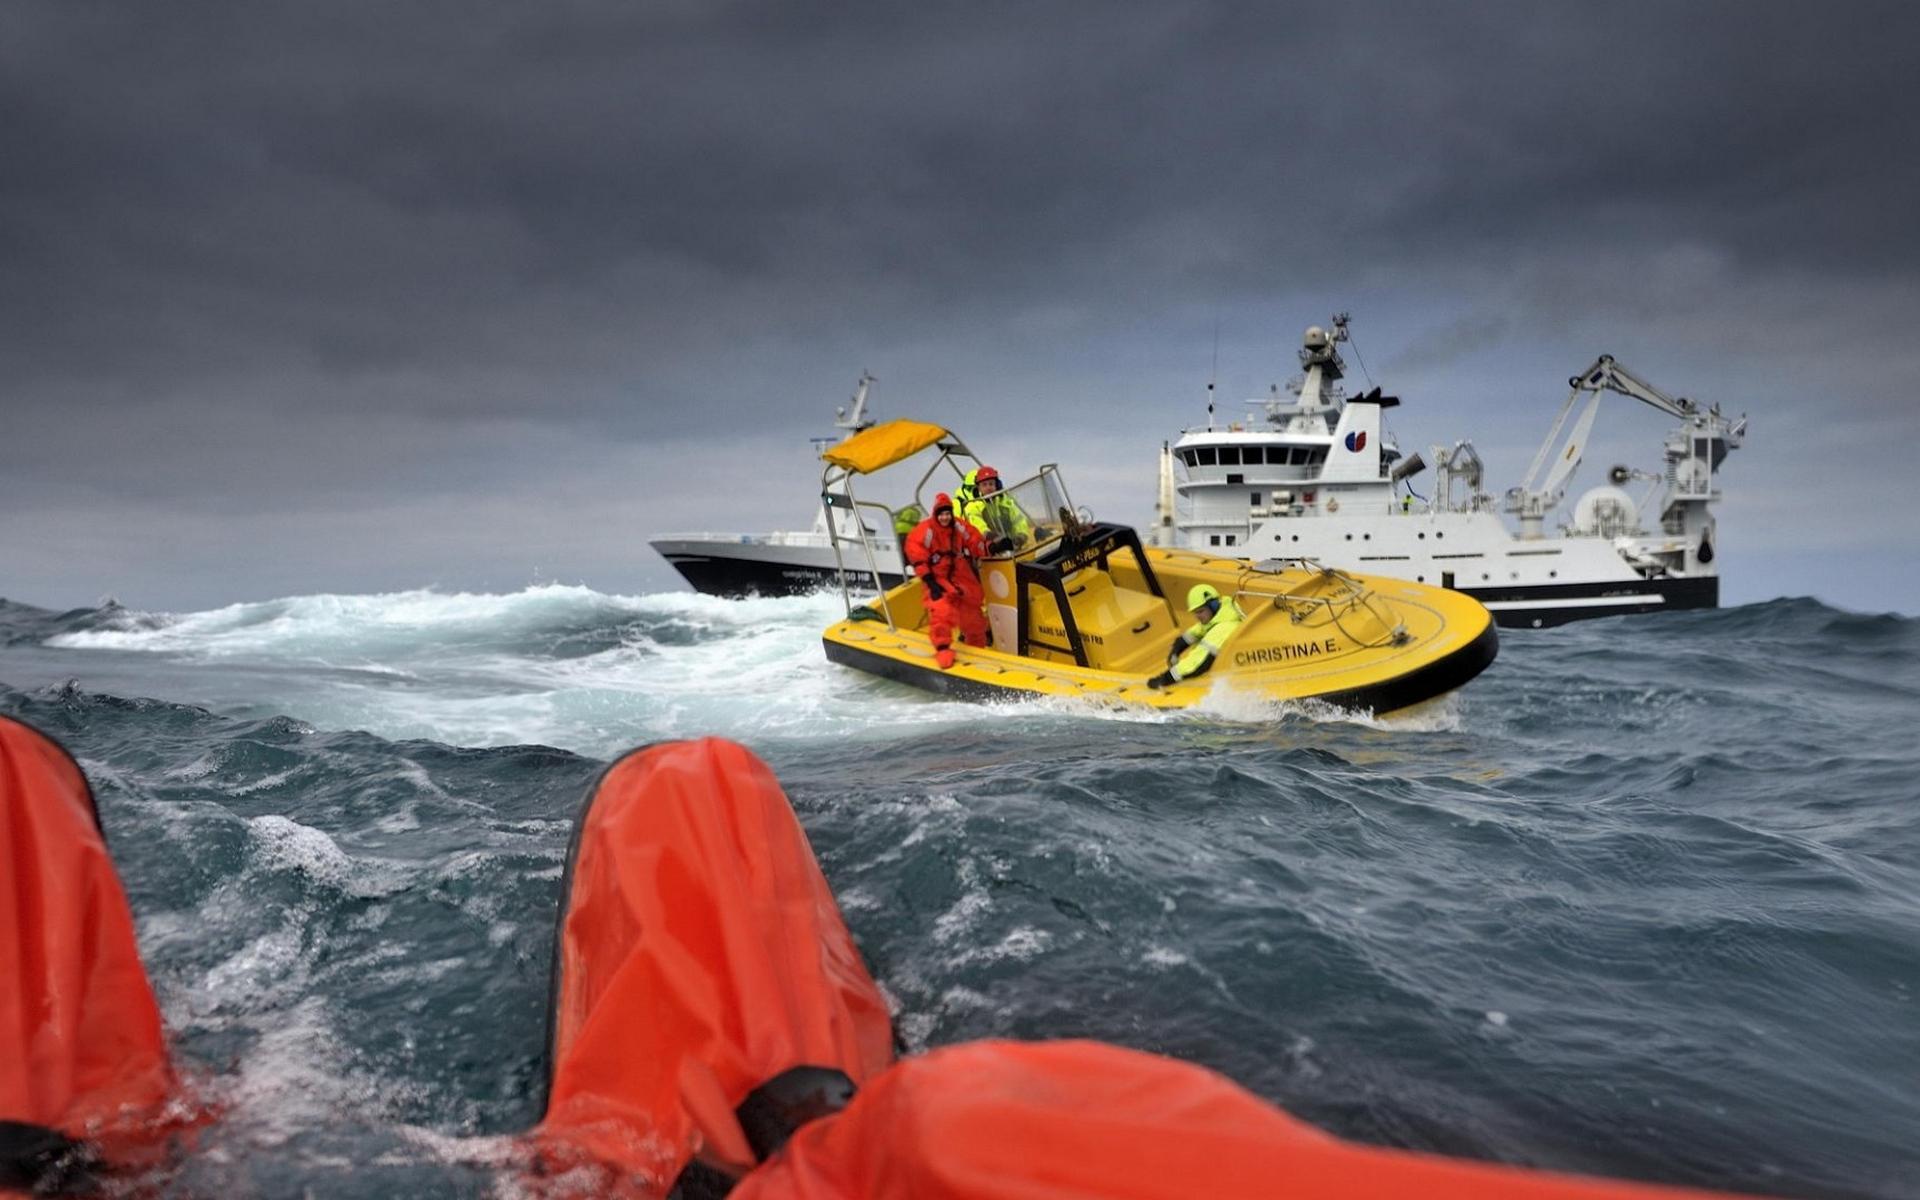 лодка в море в шторм